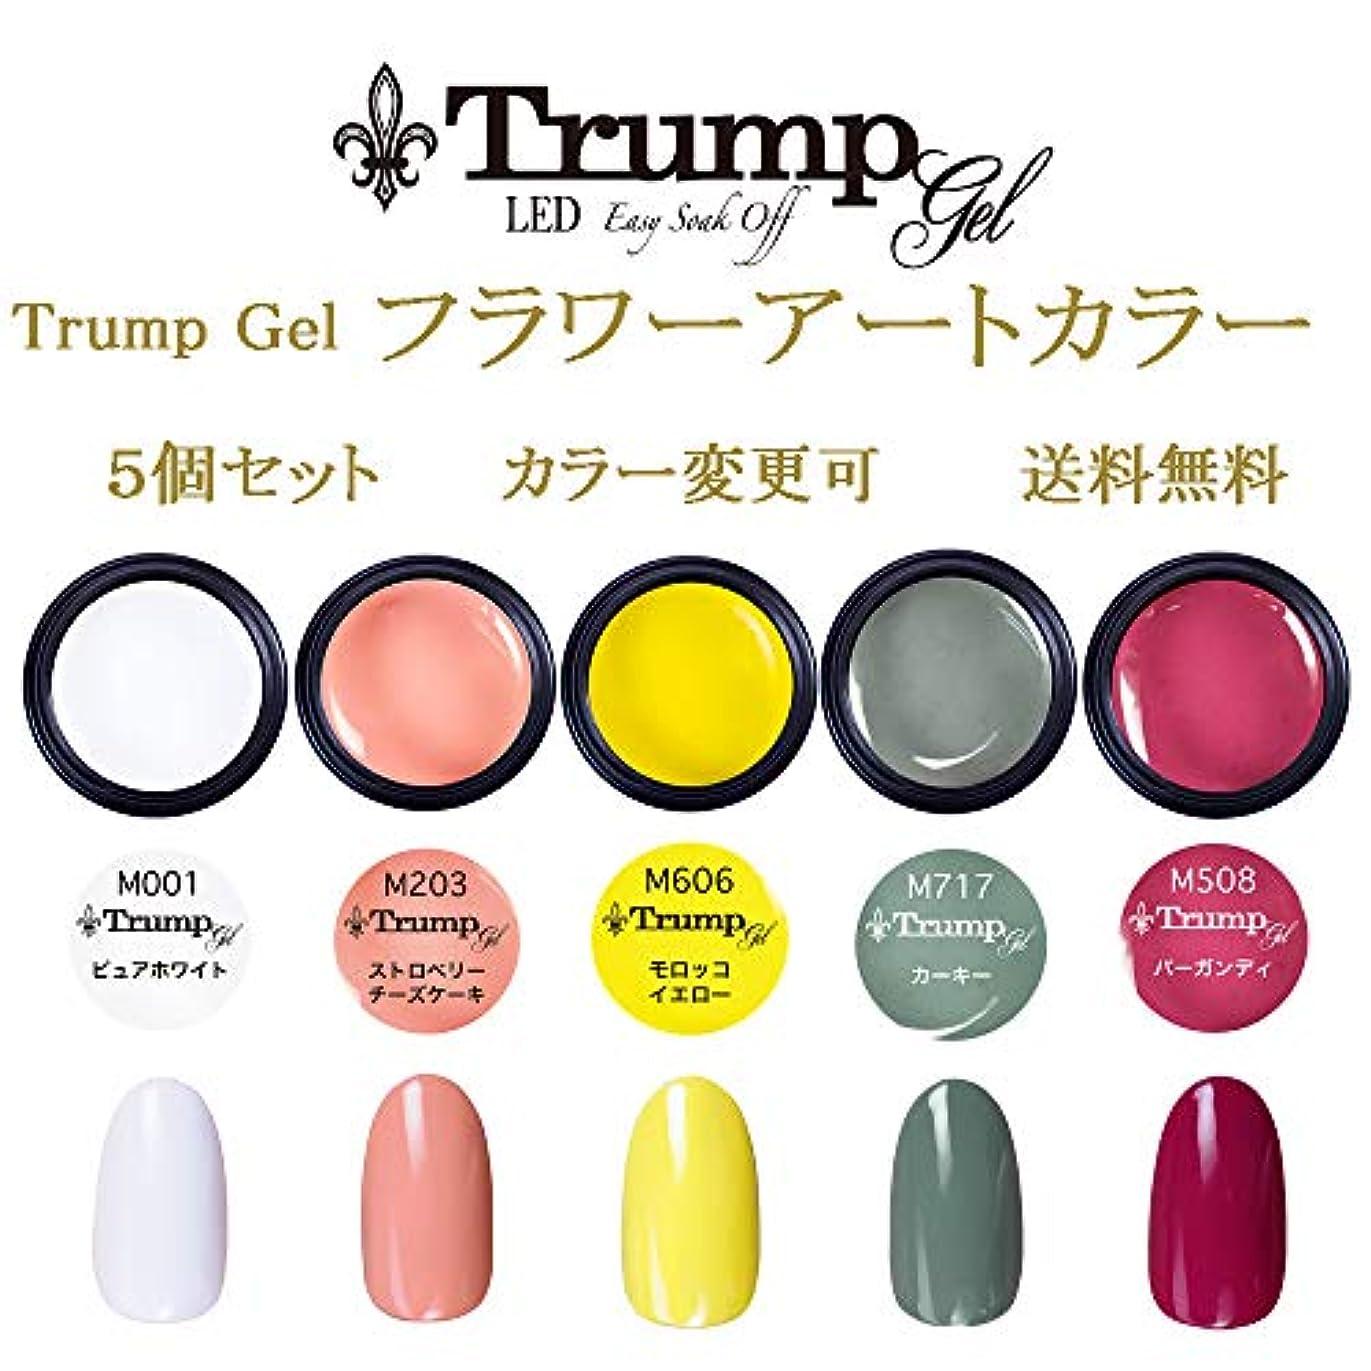 有限に対処するマラドロイト【送料無料】Trumpフラワーアートカラー選べる カラージェル5個セット